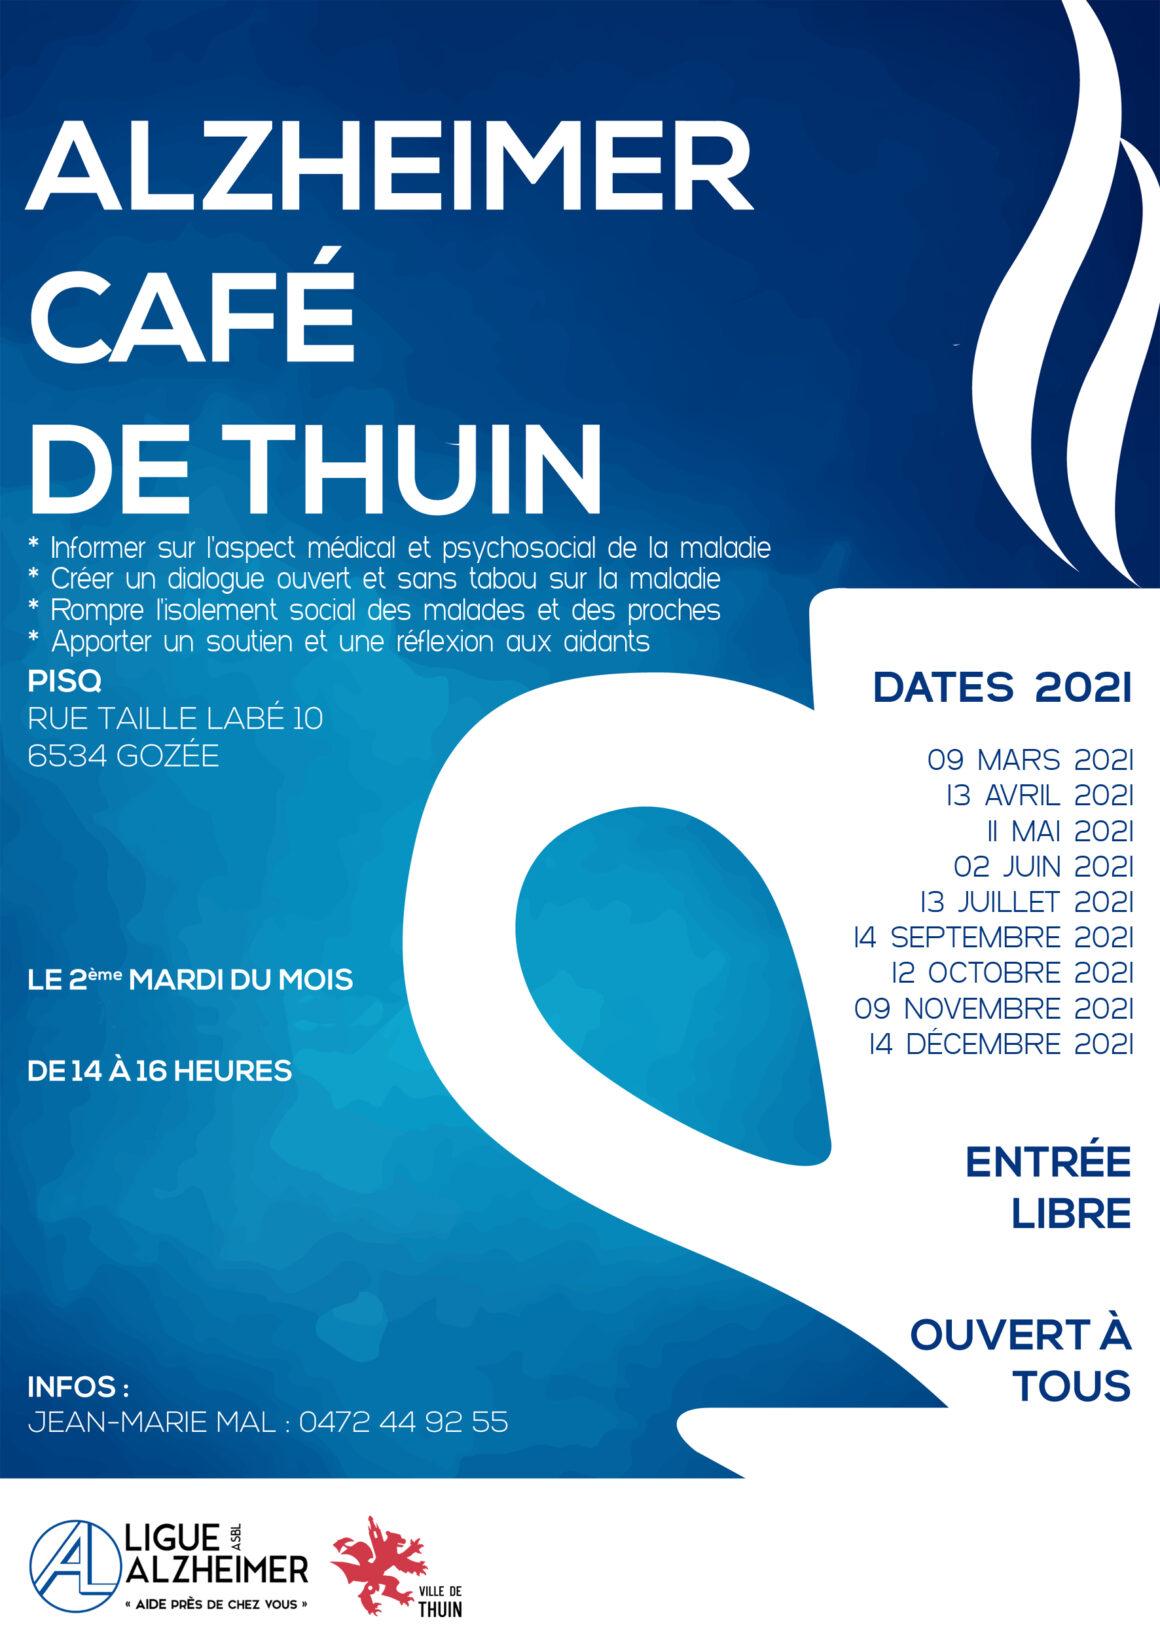 Alzheimer Café de Thuin